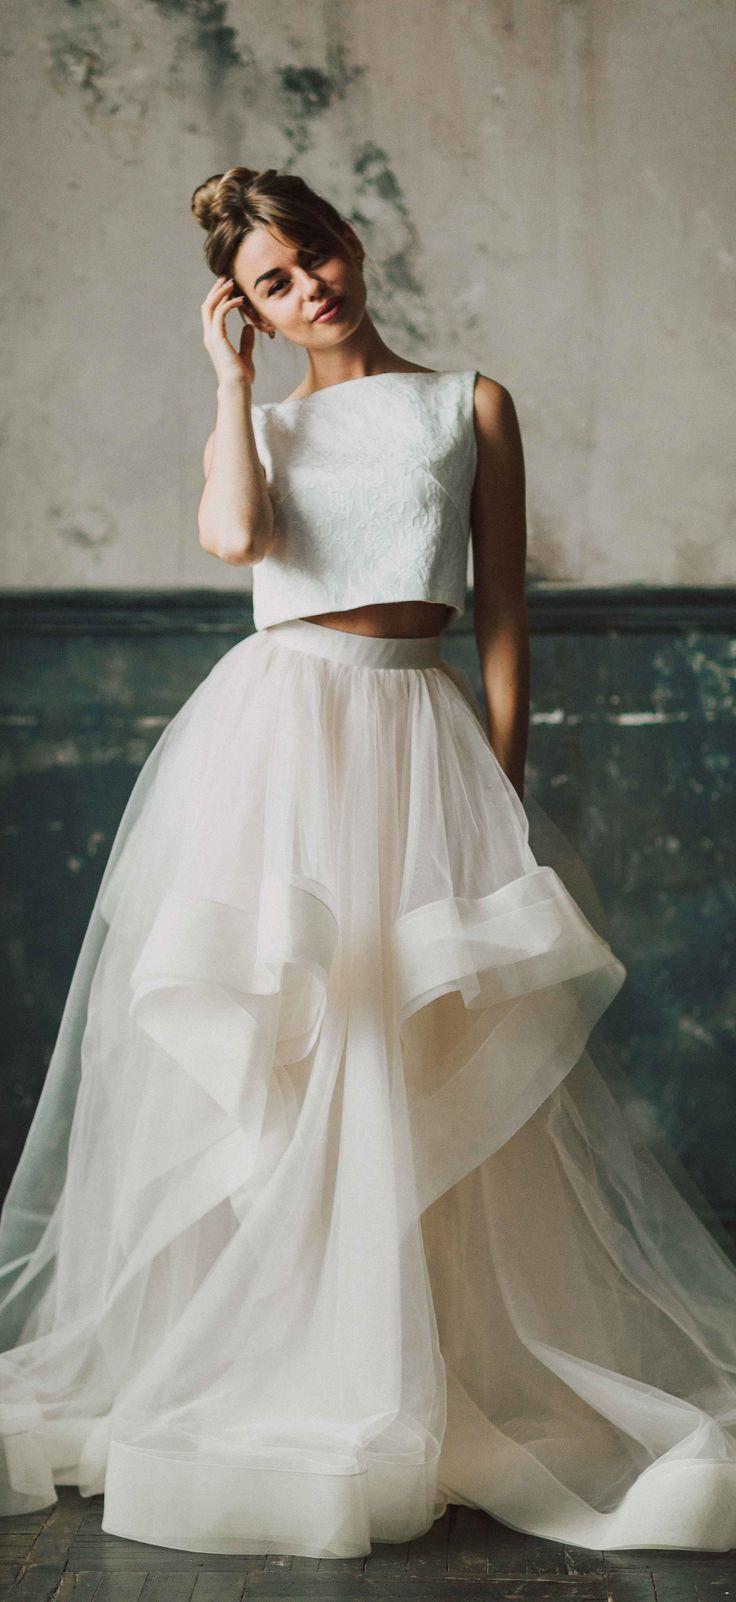 Это раздельное свадебное платье трансформер с воланами от @fataiperya из коллекции 2018  подходит для тех у кого свадьба в стиле лофт, рустик, бохо, марсала, шебби шик, прованс, тиффани, ретро, париж, эко, сказка. Юбка бывает пудровая, голубая, айвори, шампань